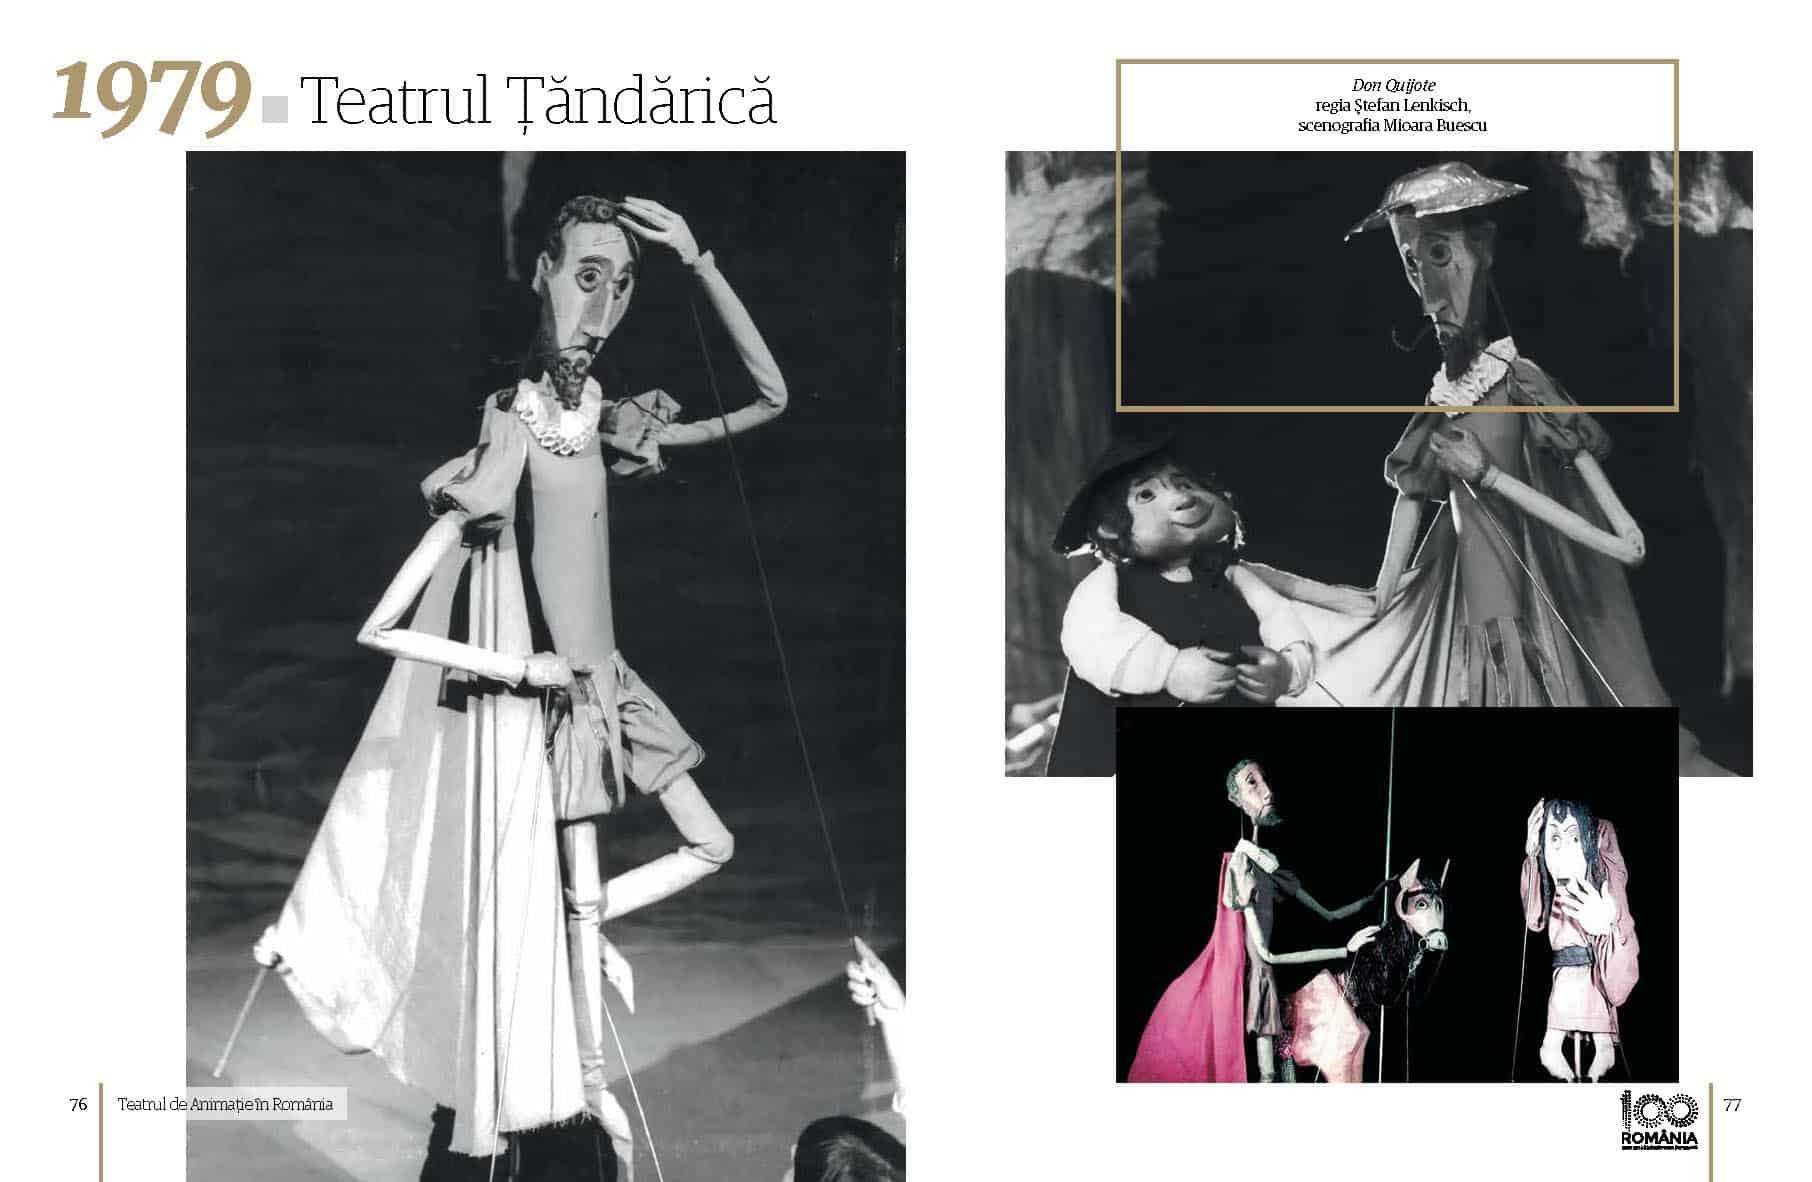 Album Teatrul de Animatie in Romania final preview fata in fata Page 39